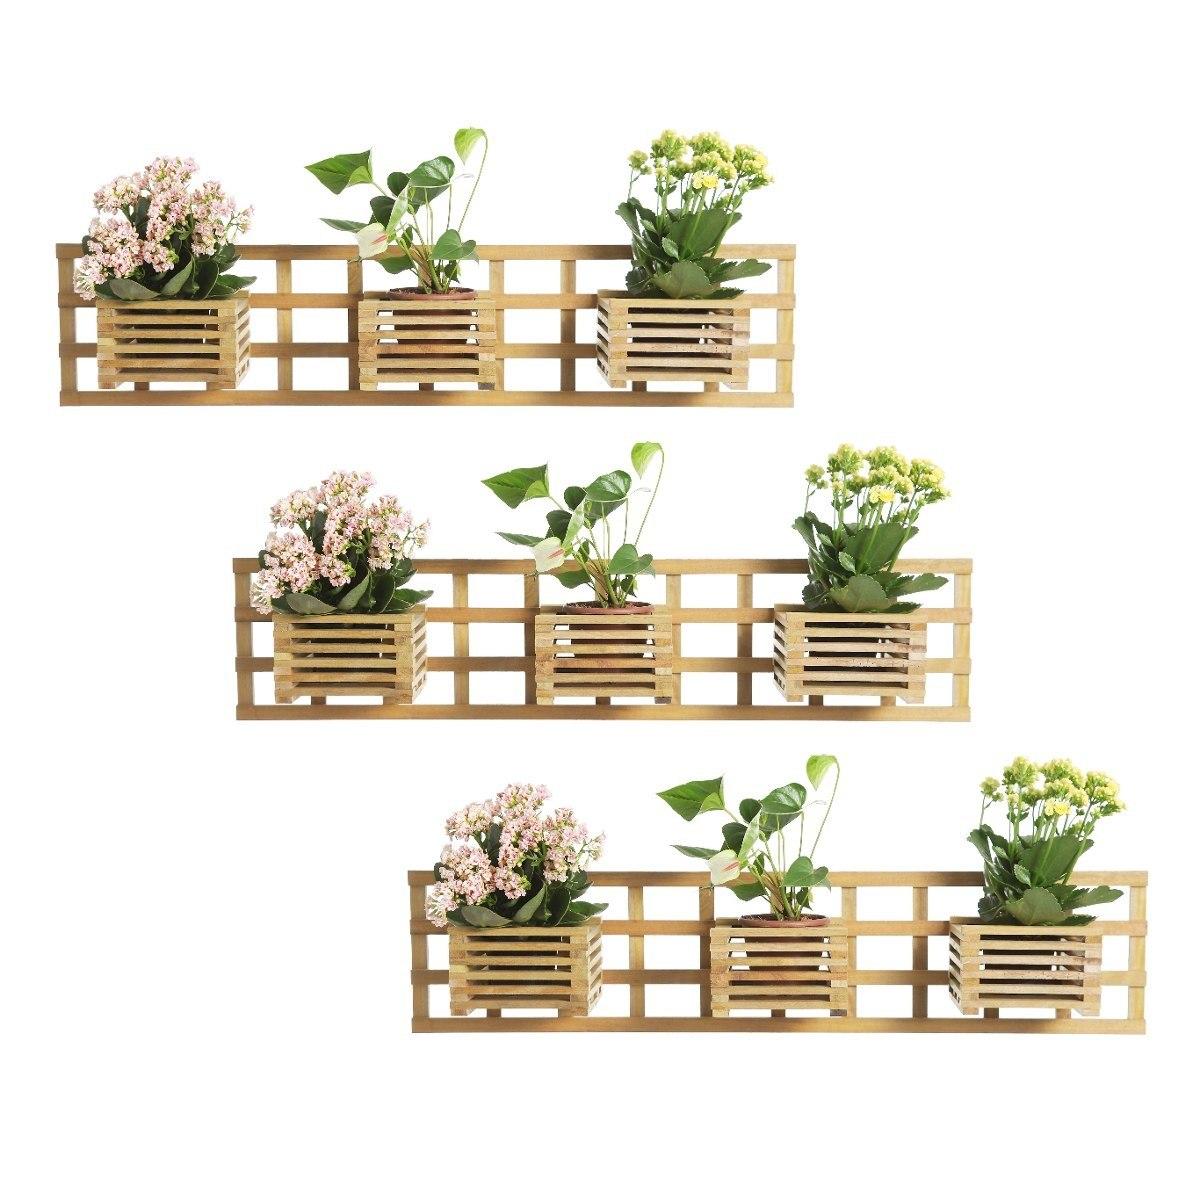 Floreira Madeira Rustica Parede E Jardim R$ 210 00 no MercadoLivre #957836 1200x1200